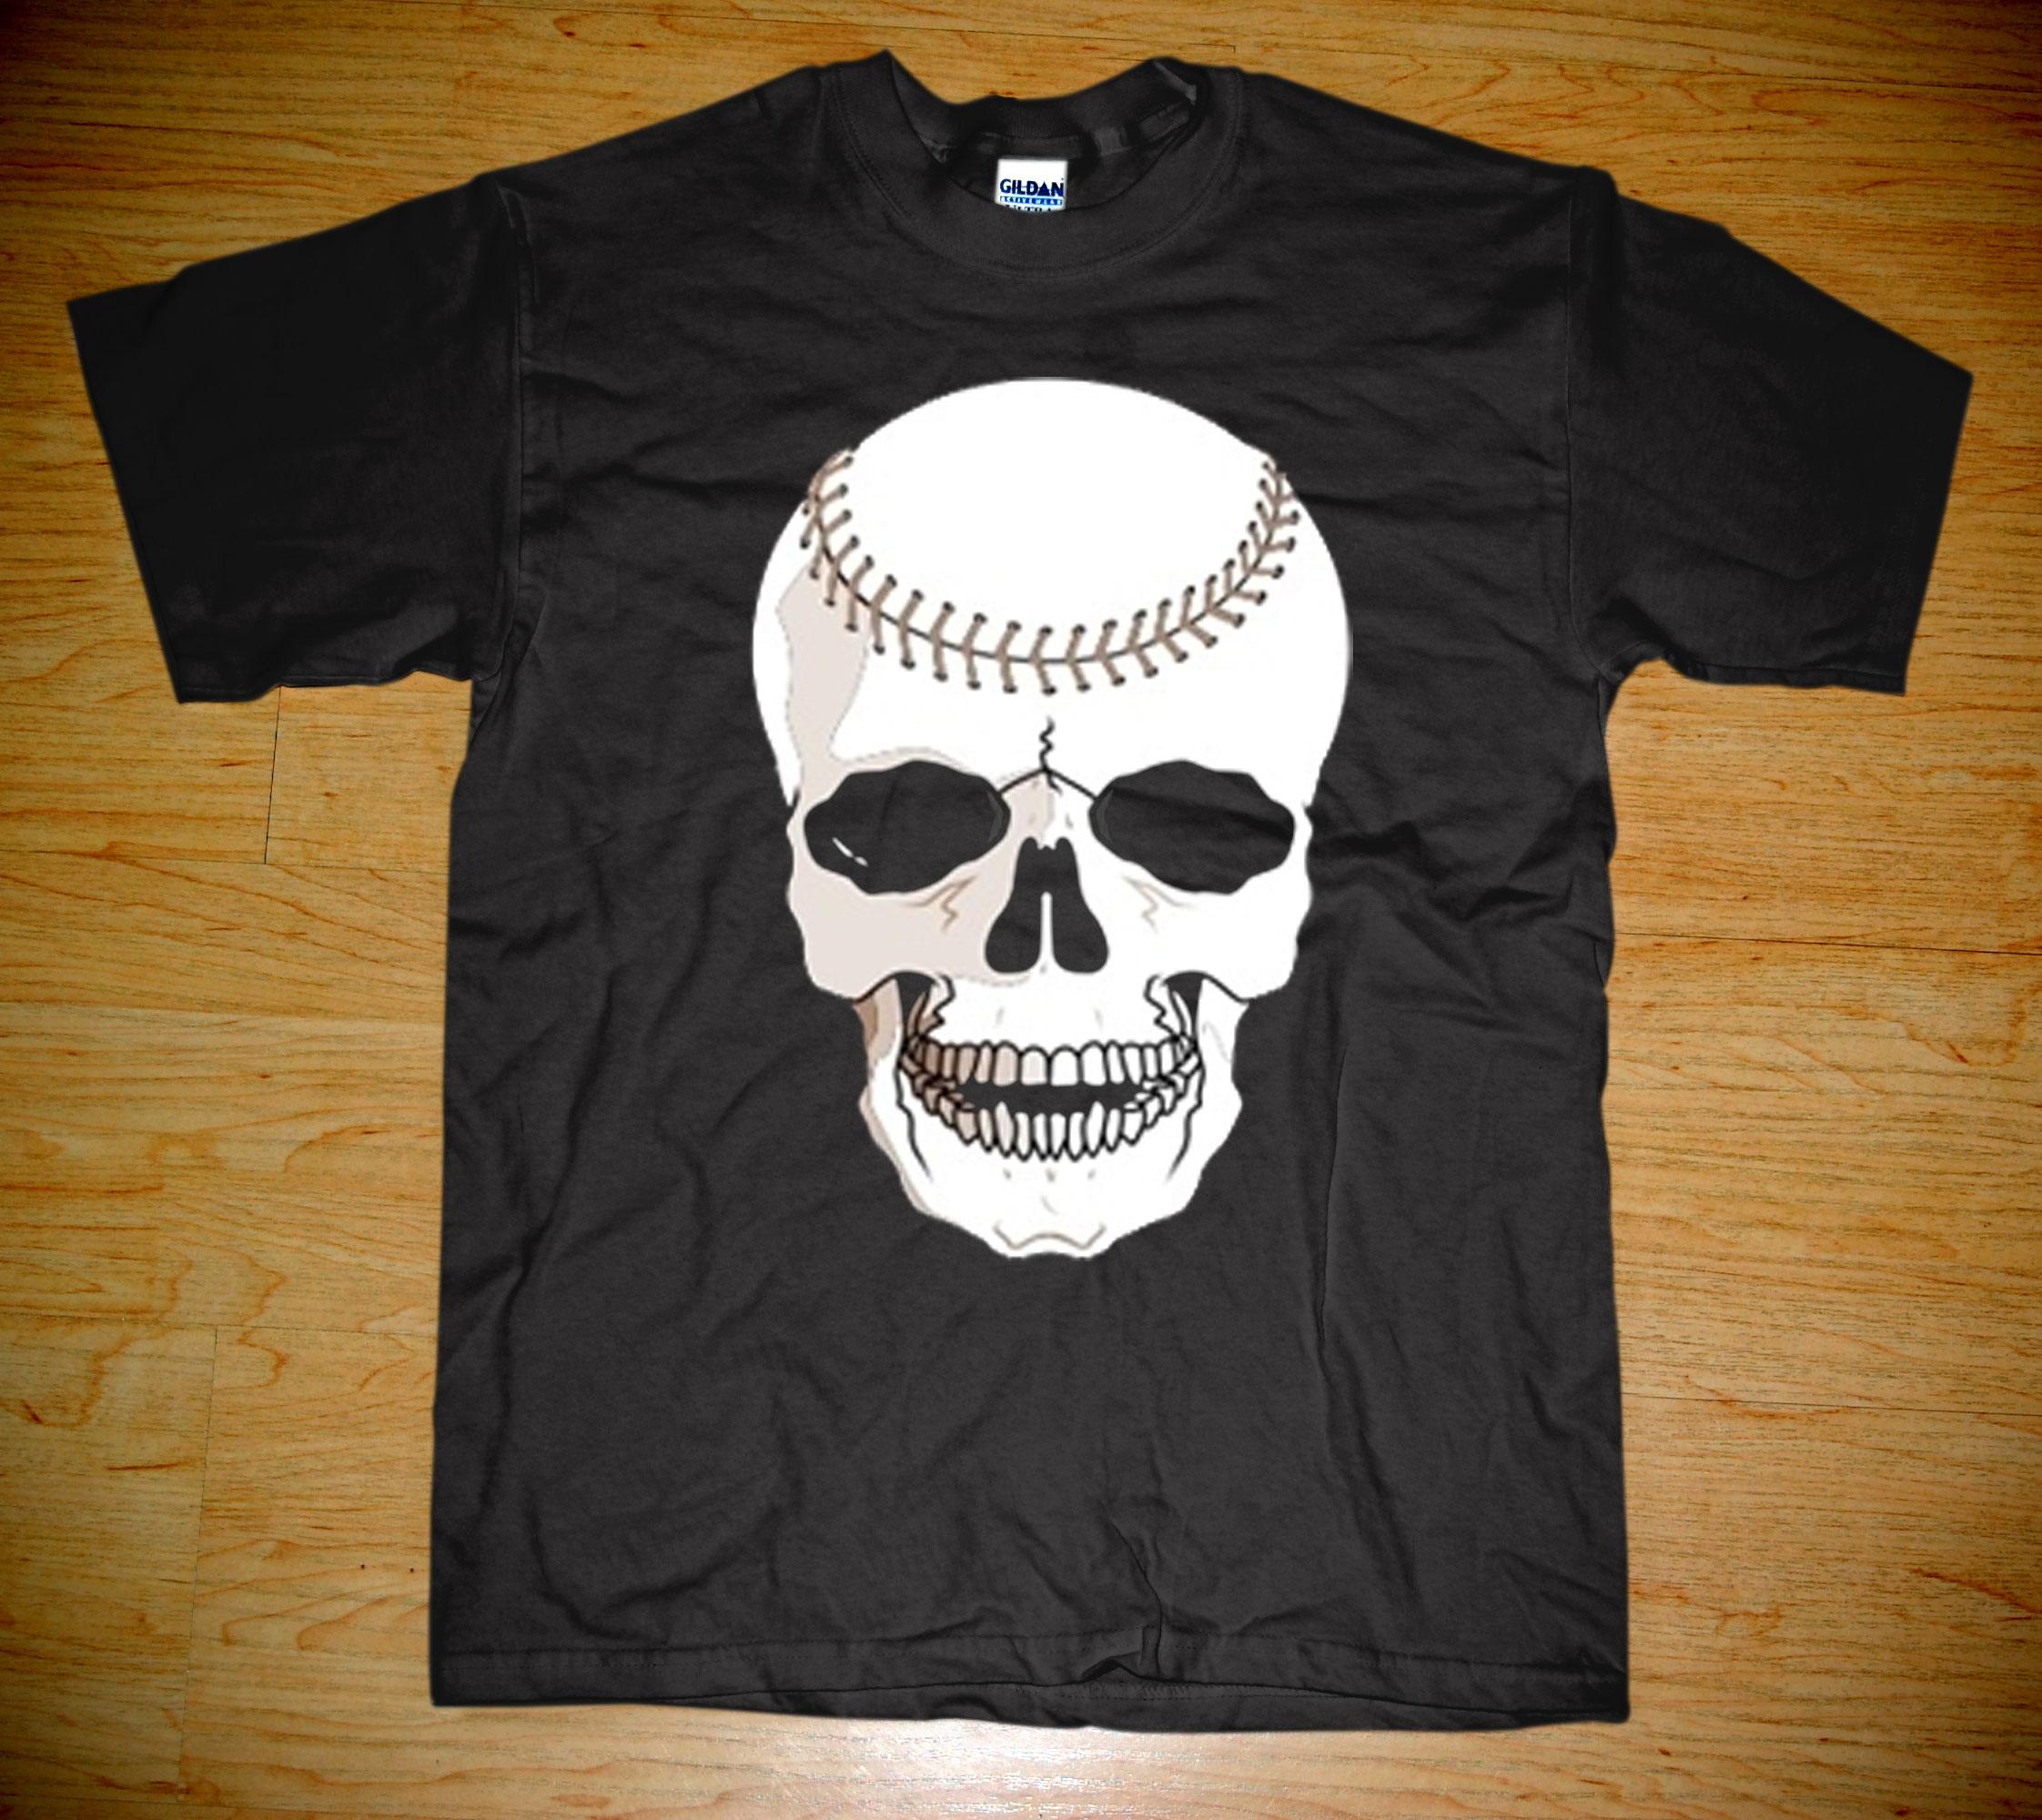 logo funny unique baseball skull killer like: estudiomostro.storenvy.com/products/266688-baseball-skull